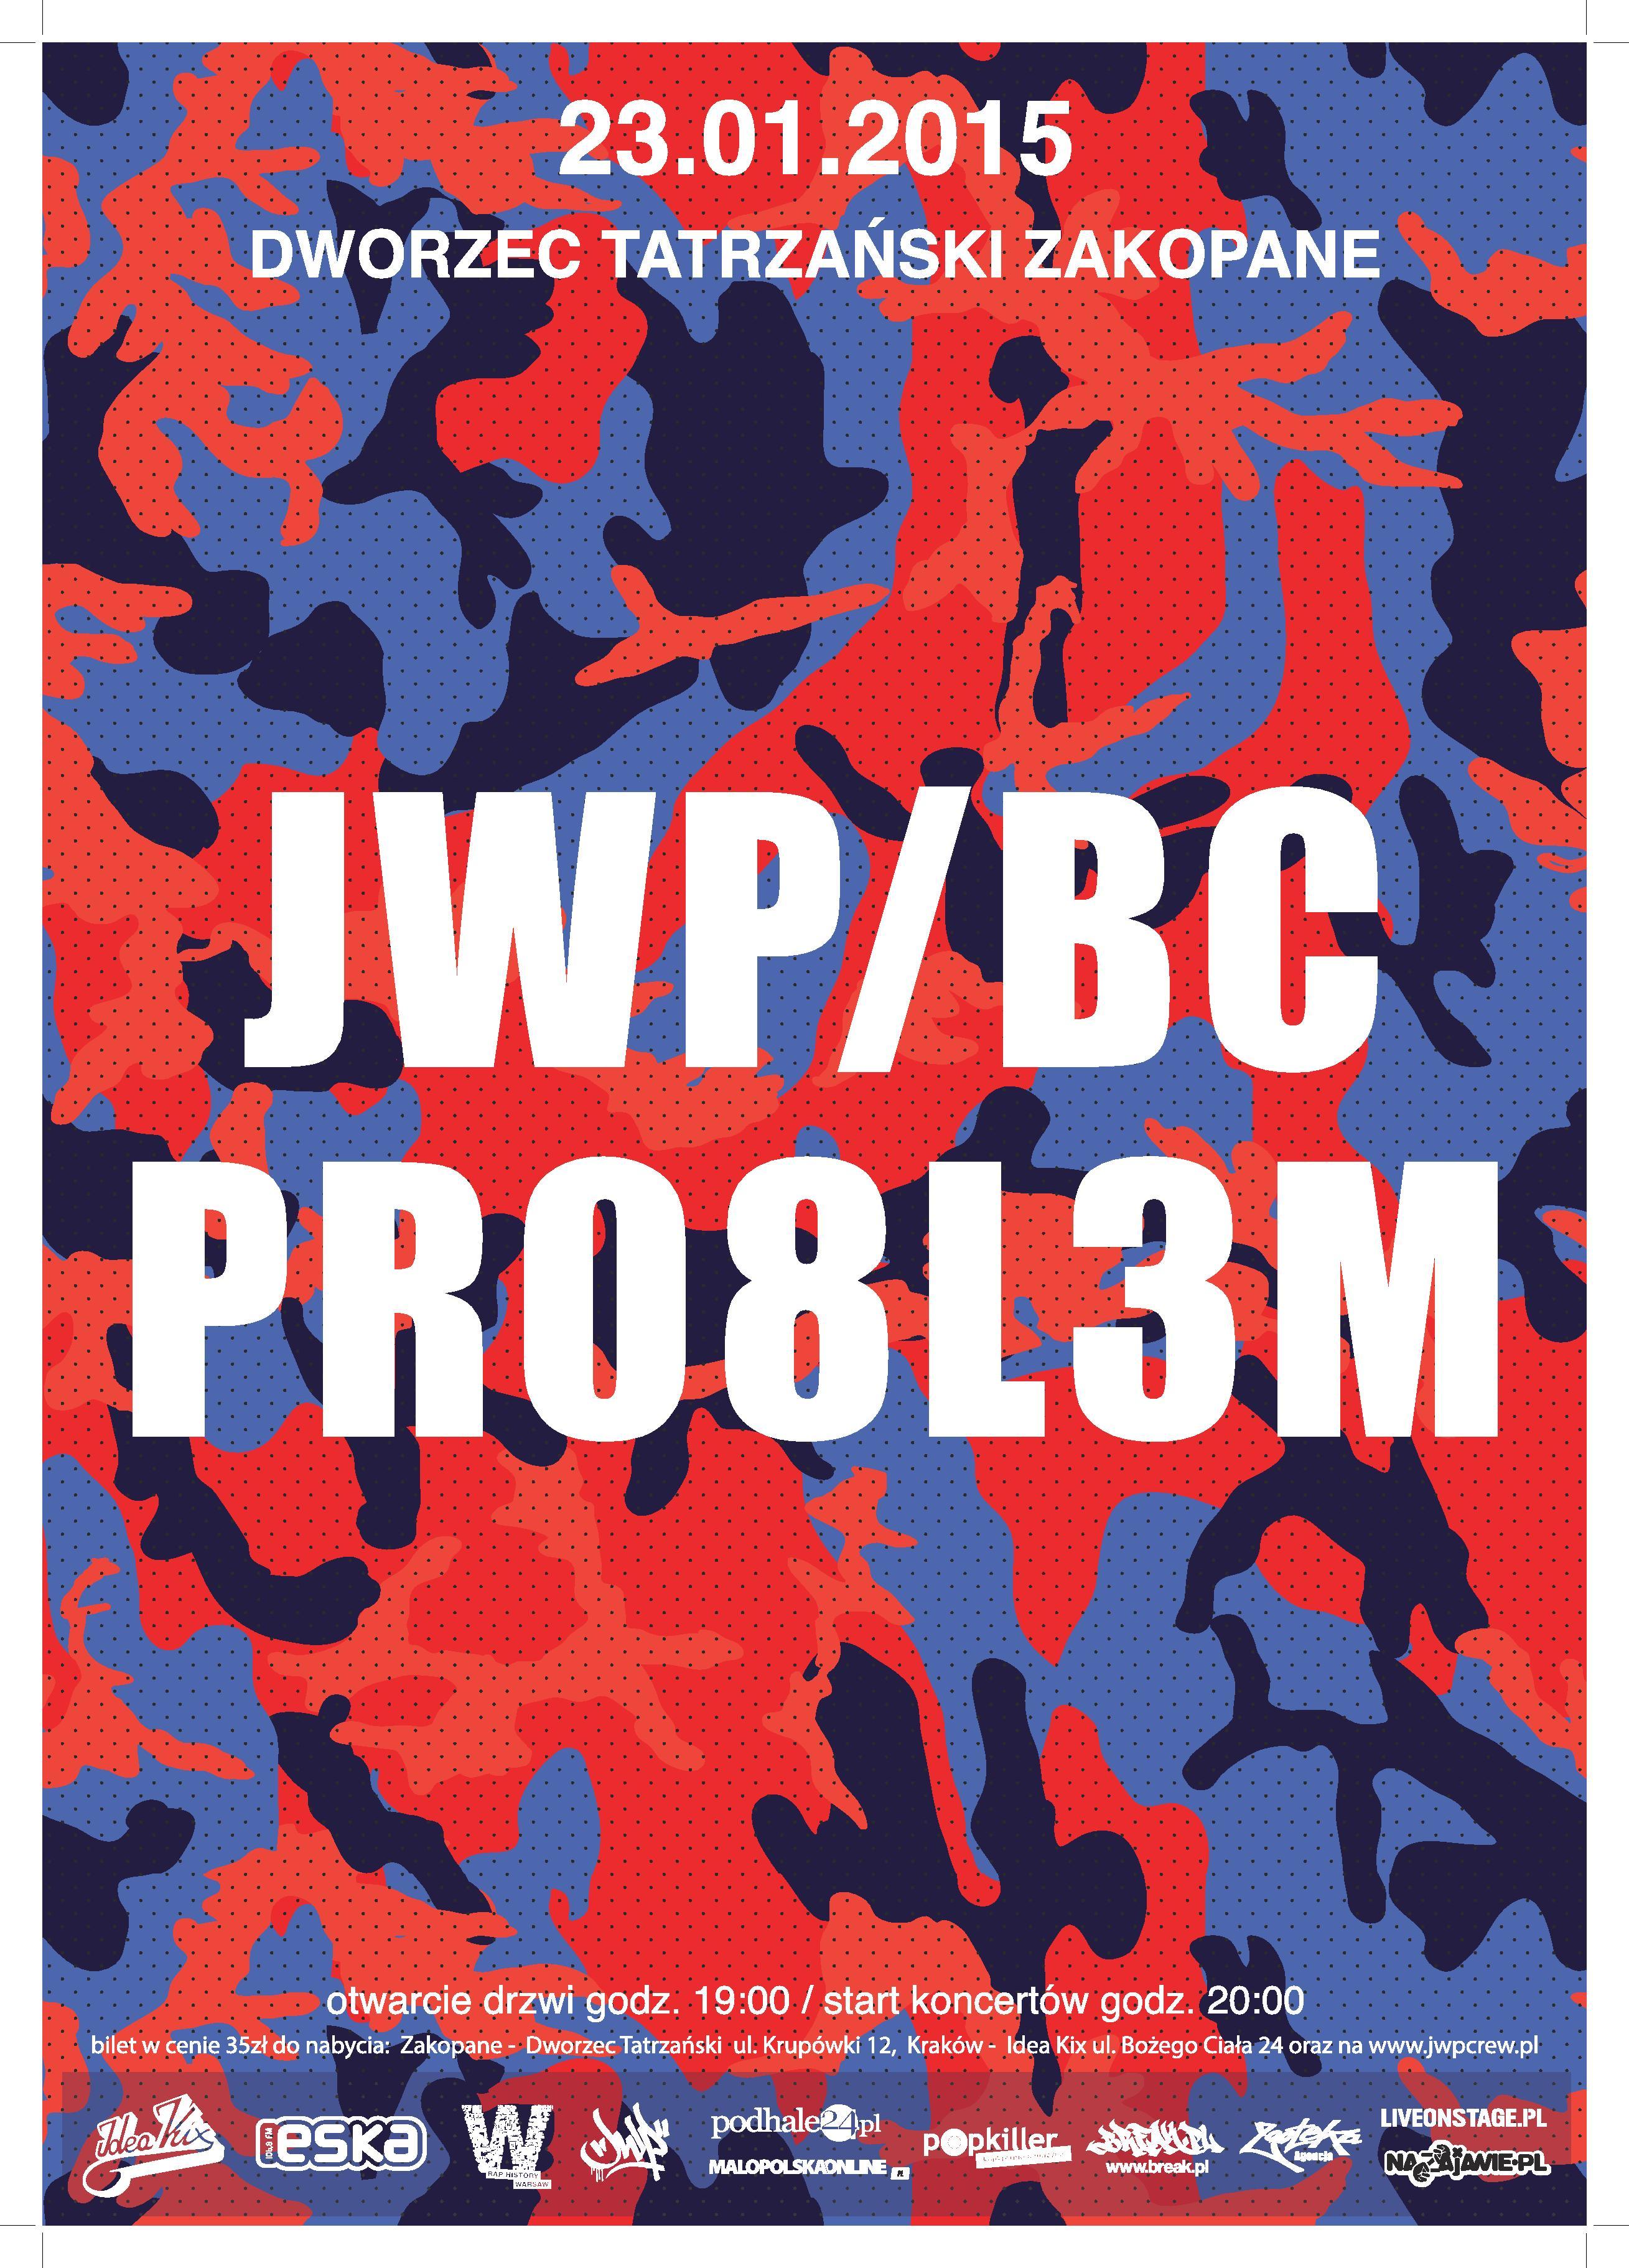 JWP/BC & PRO8L3M W ZAKOPANEM!